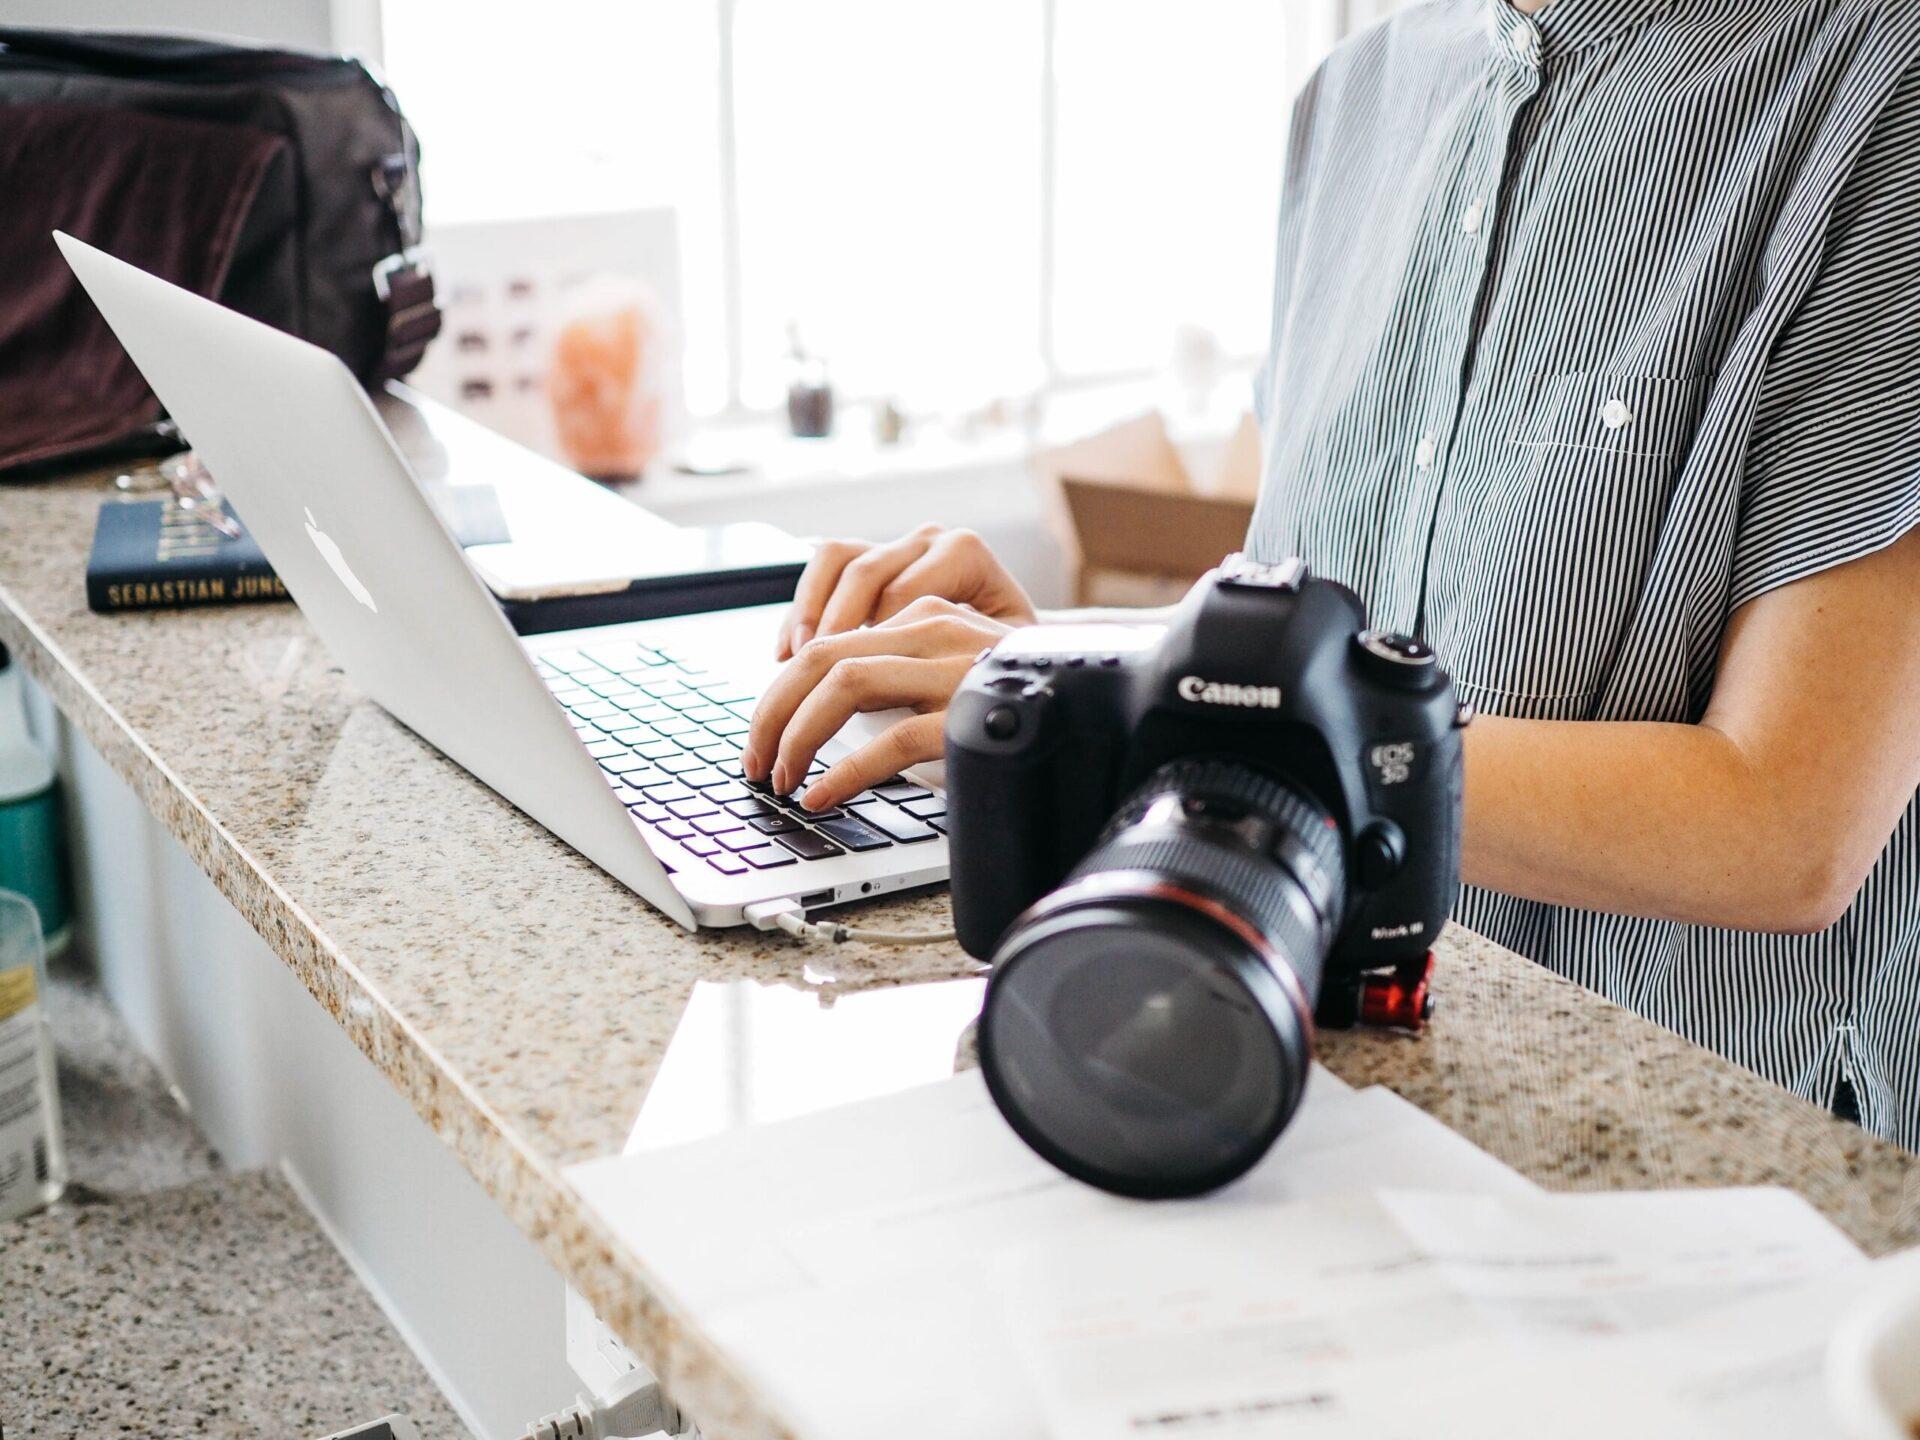 施工管理の写真撮影に役立つツール3選